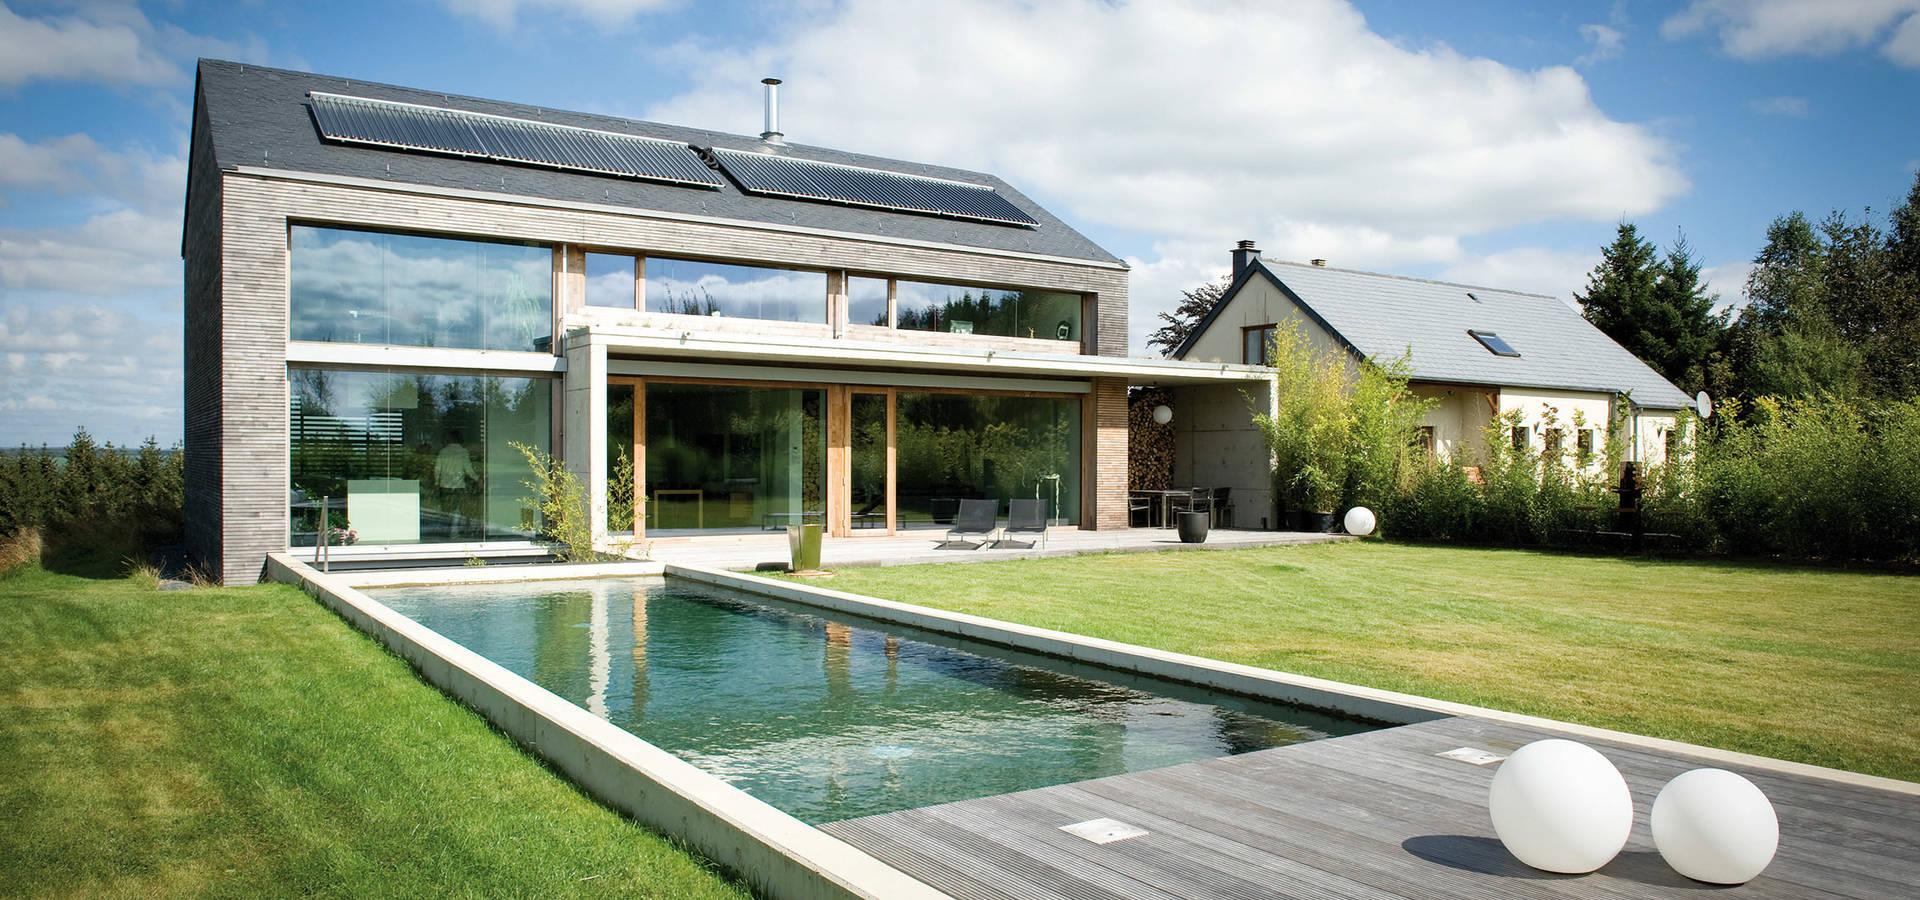 Maisons Loginter: Bauunternehmen in Mersch / Luxemburg | homify